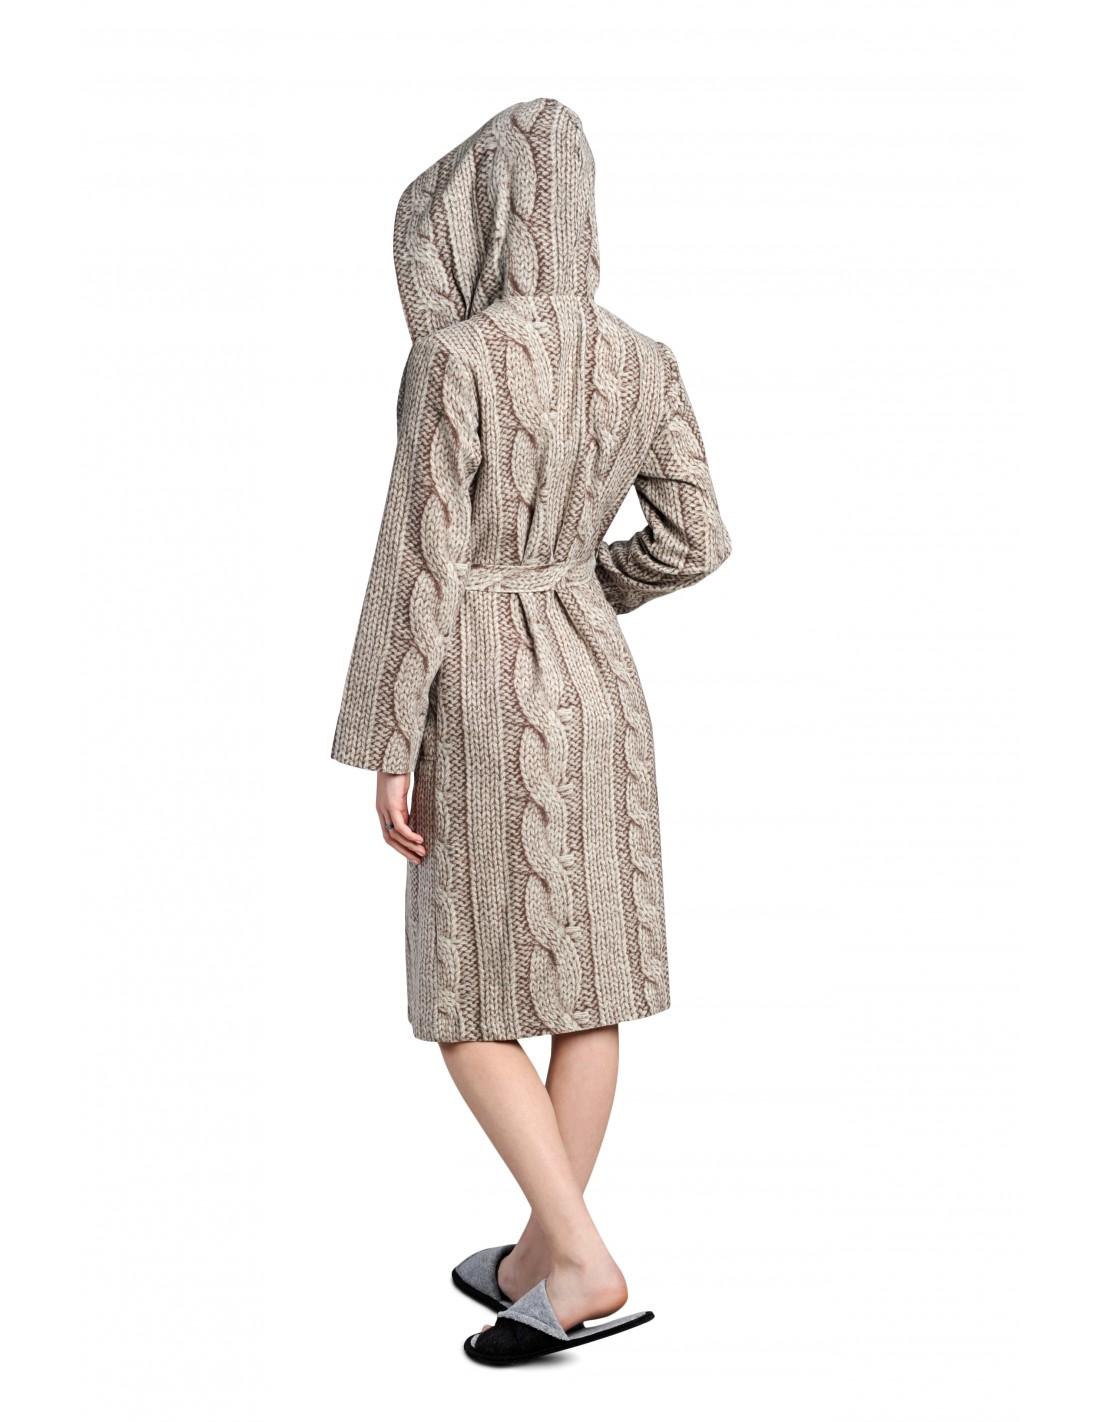 Женский халат вязаный с капюшоном, длиной – «ниже колена ...